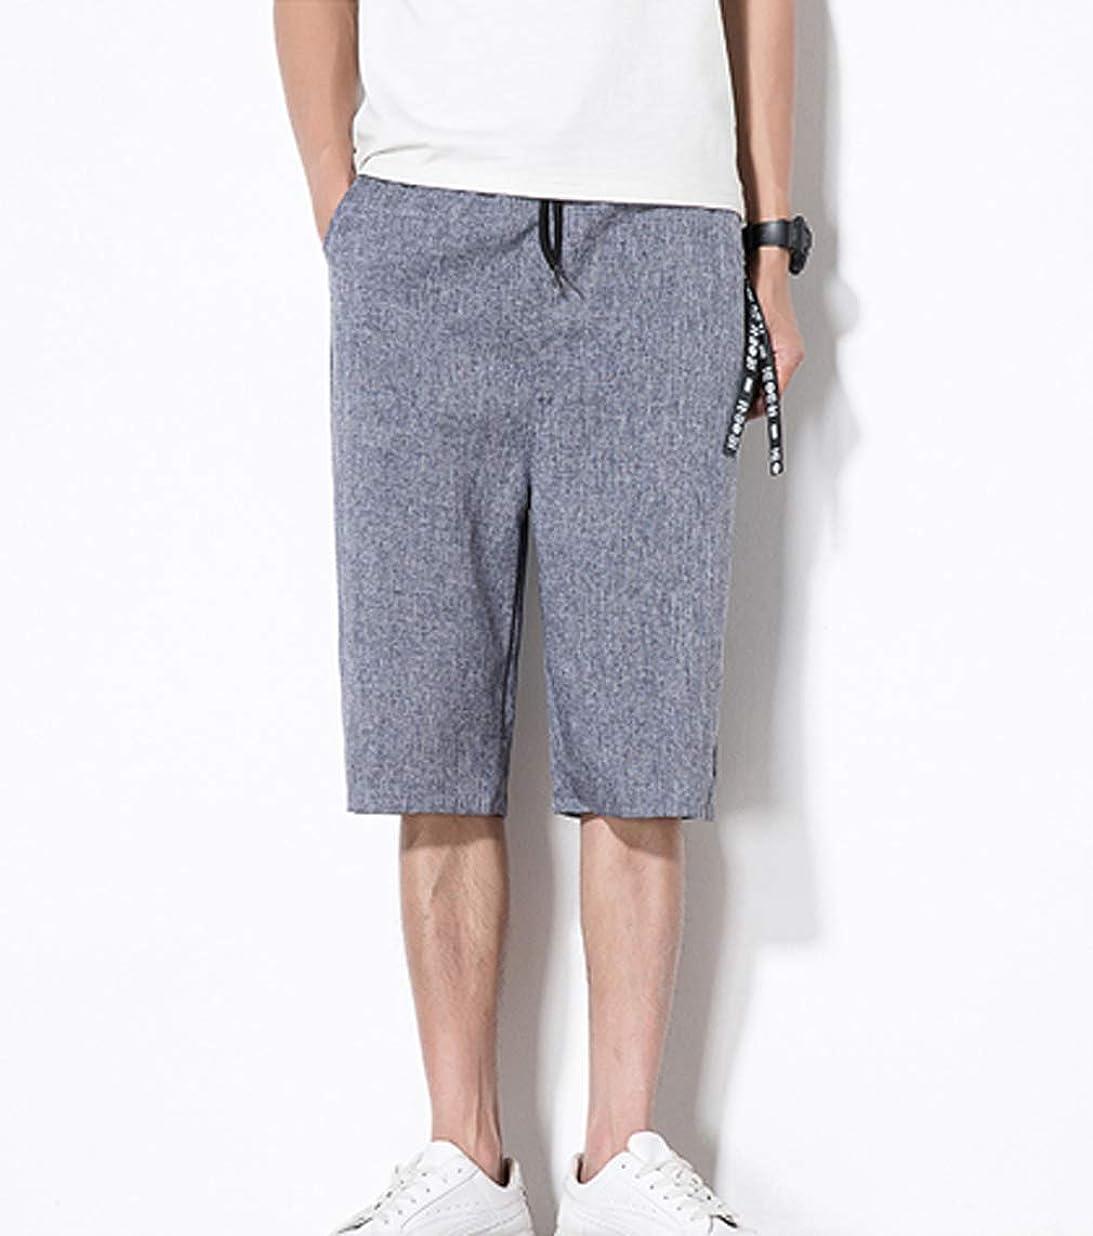 モッキンバードと組むペイント[ Smaids x Smile (スマイズ スマイル) ]服 パンツ ズボン ワイドパンツ ハーフパンツ 七分丈 カジュアル 涼 メンズ